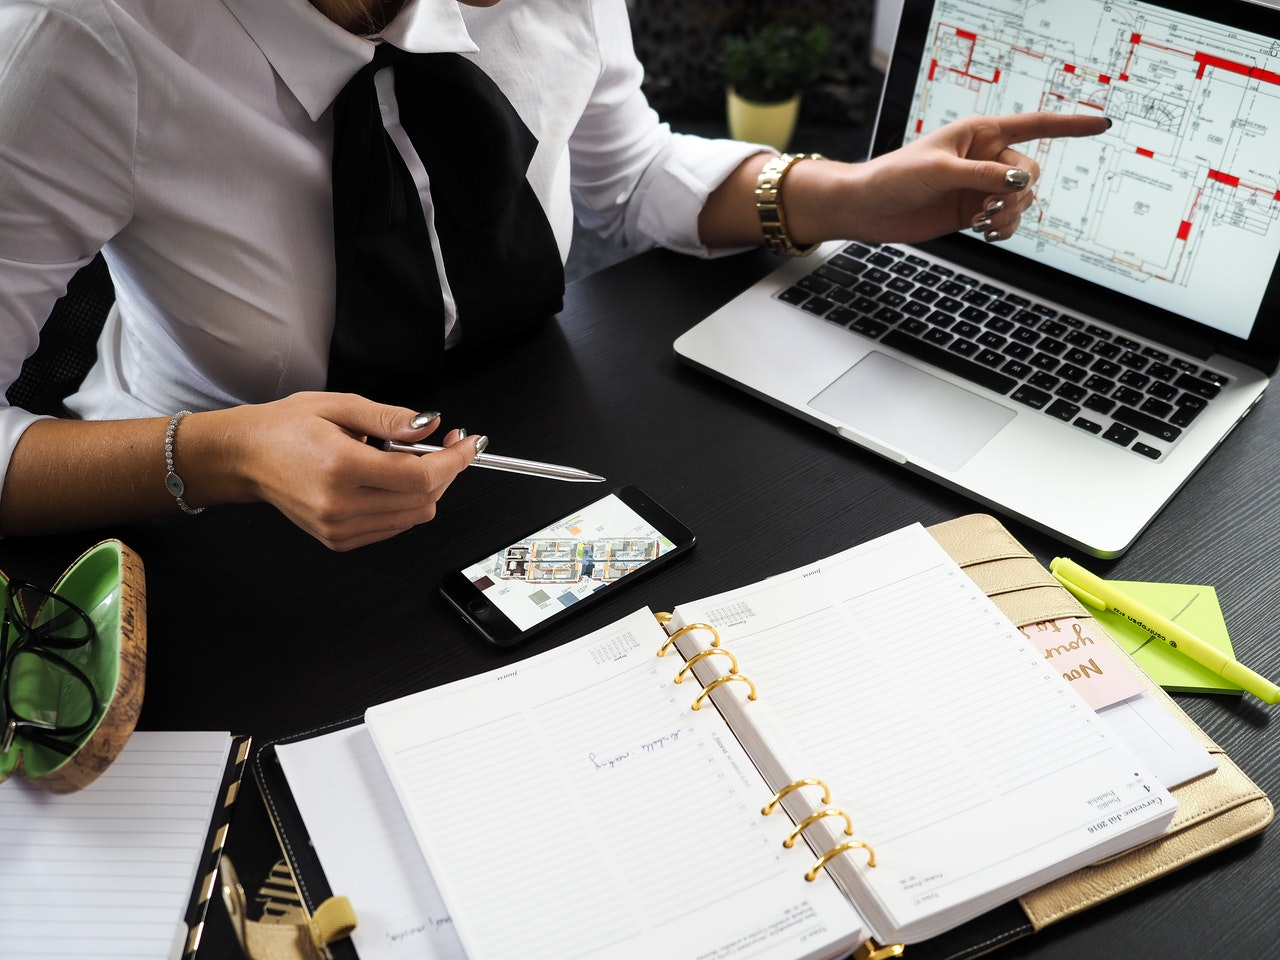 كيف يساعدك تصميم موقع شركة تطوير عقاري في تطوير أعمالك؟